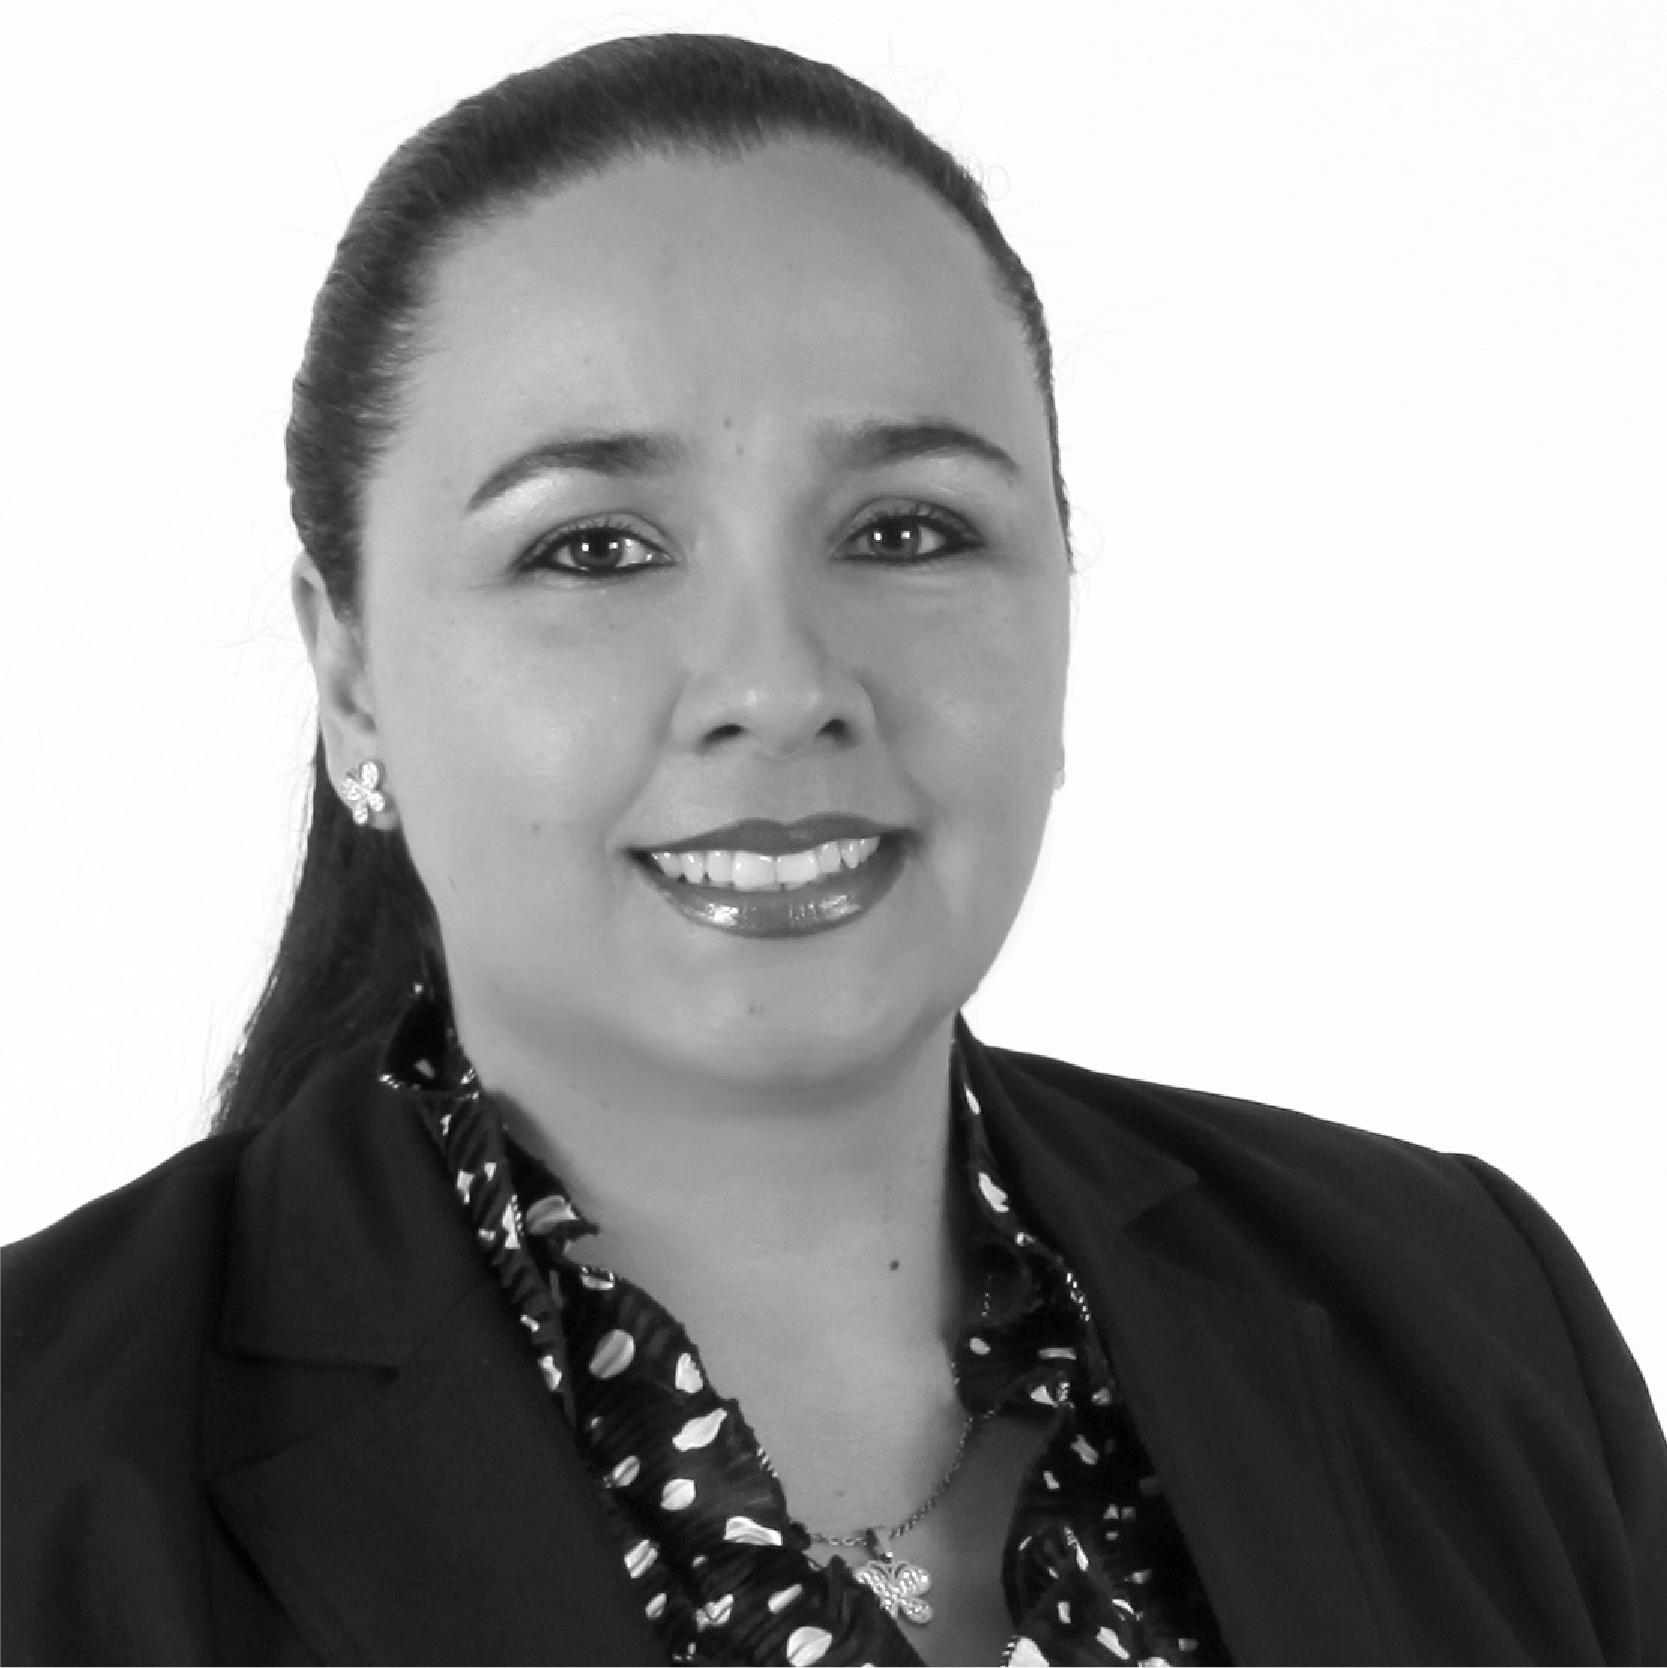 Isabel Delgado Vaca Guzmán